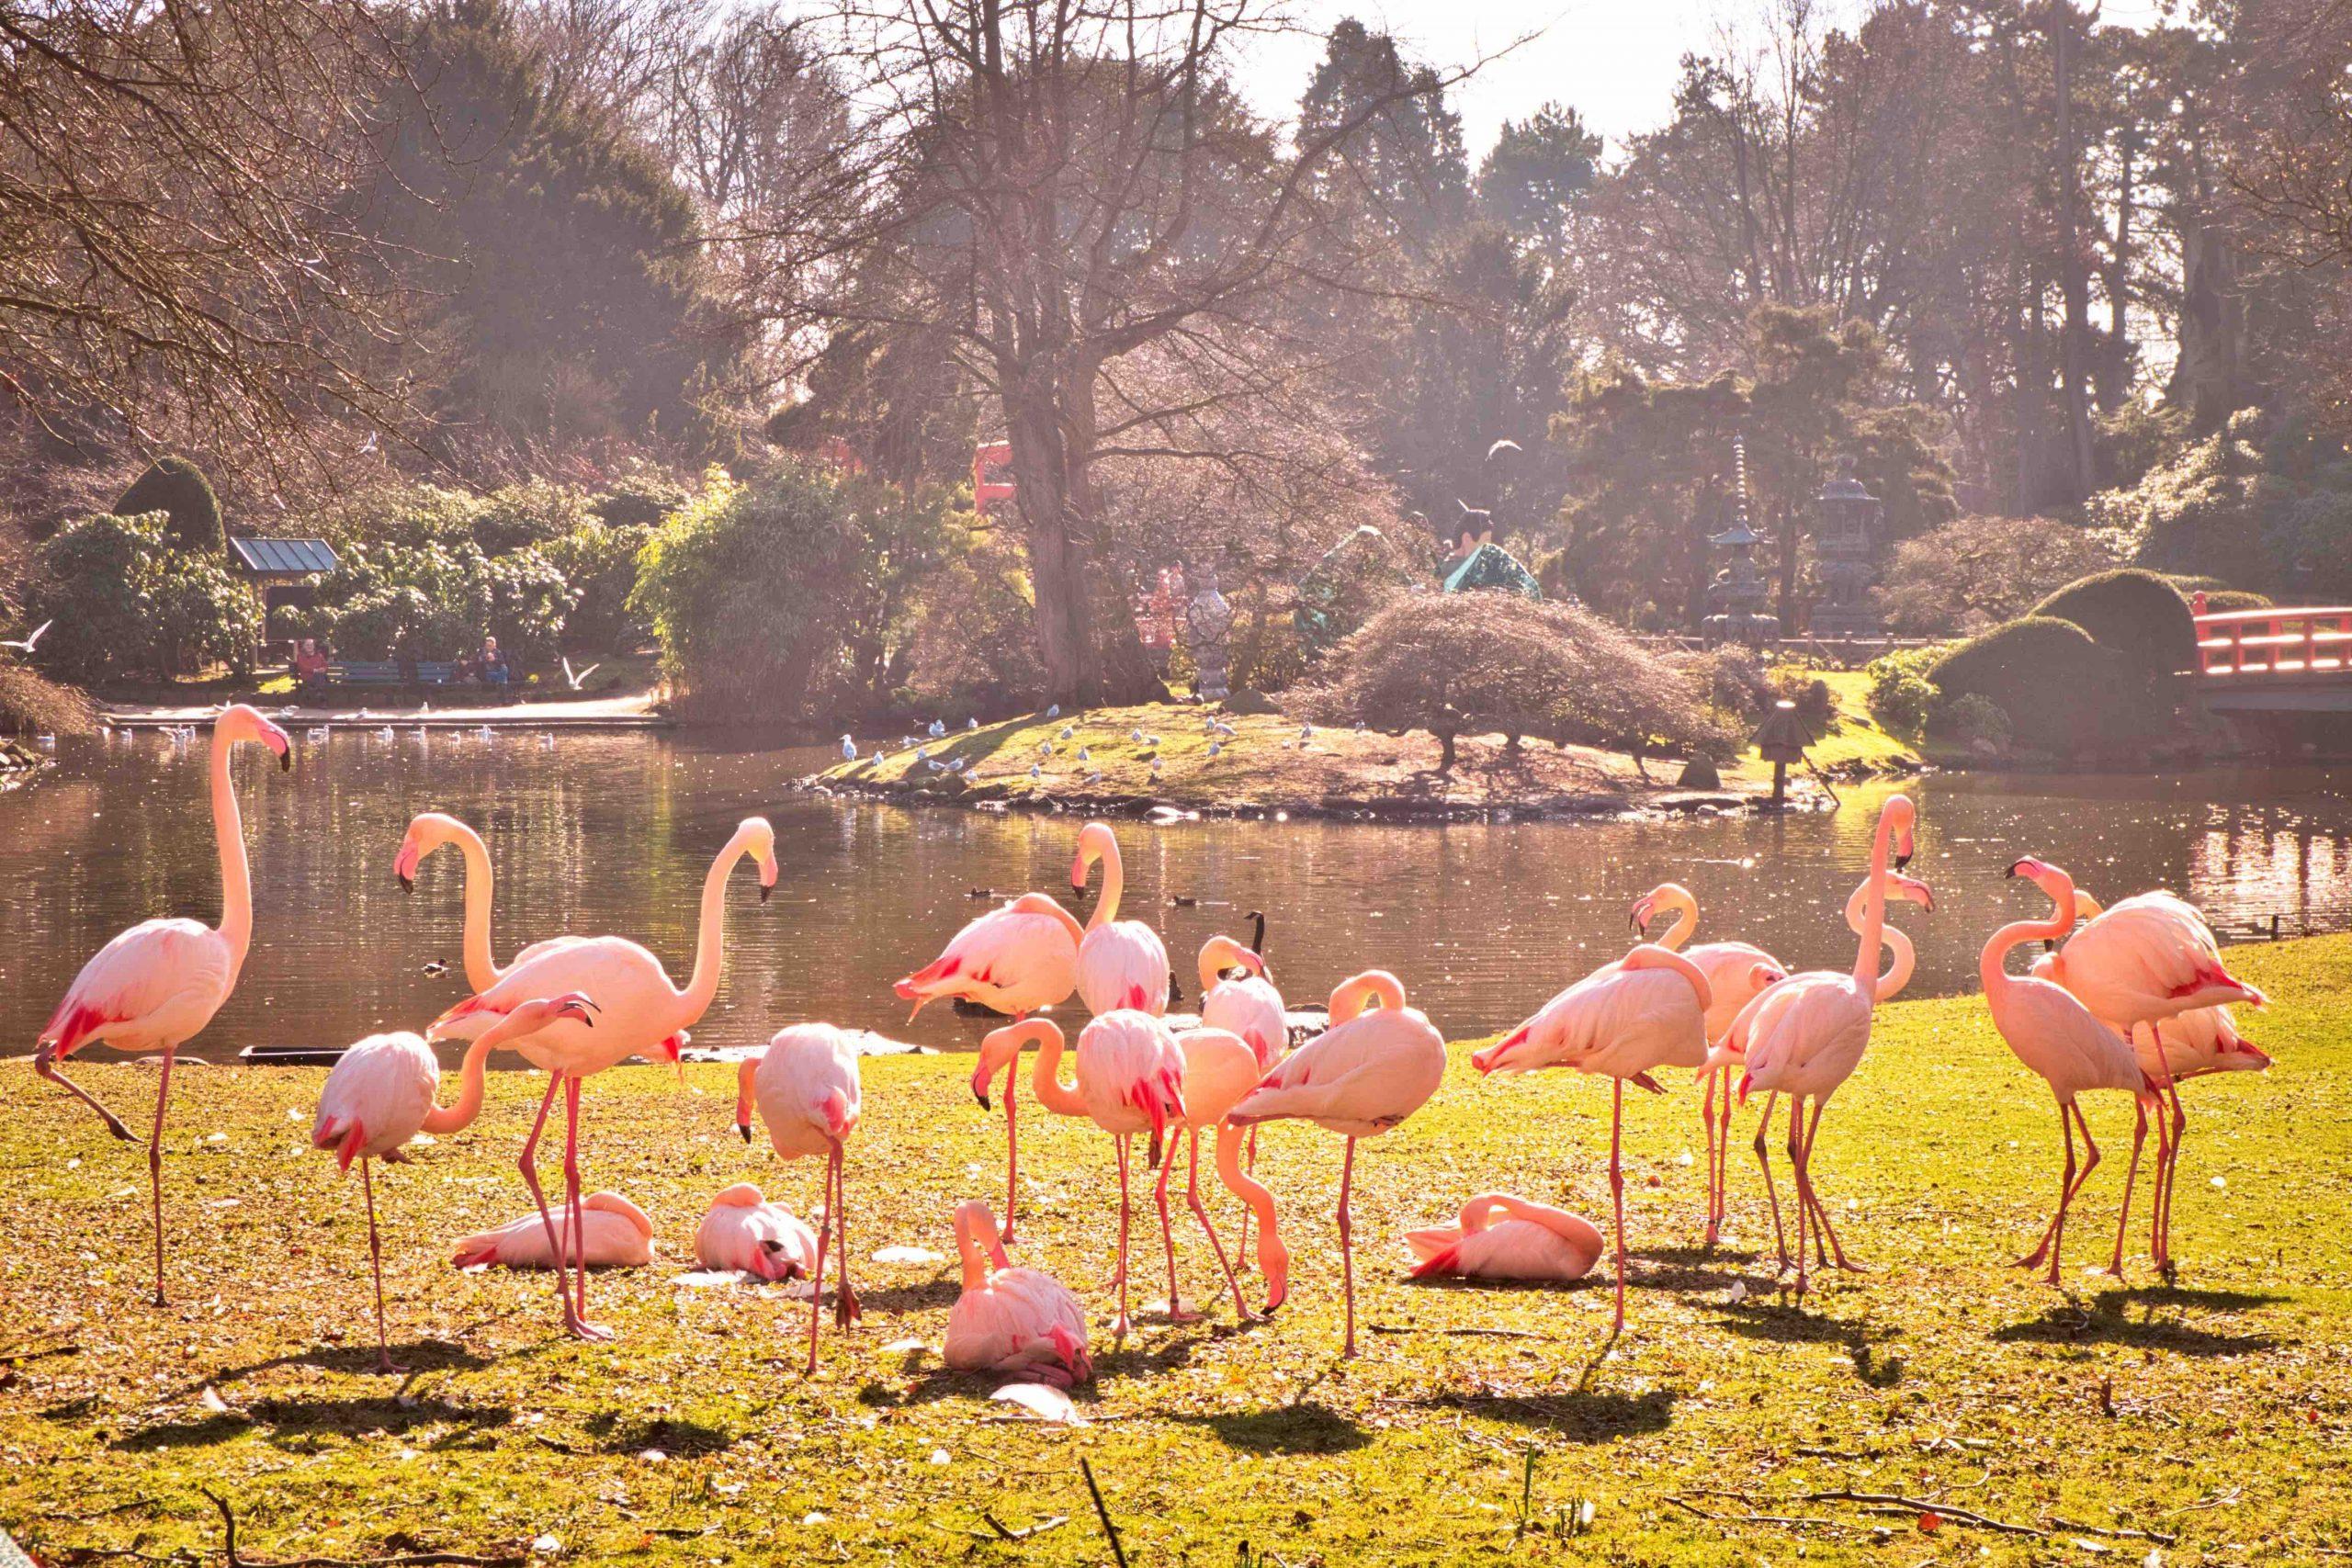 Tierpark Hagenbeck Flamingos